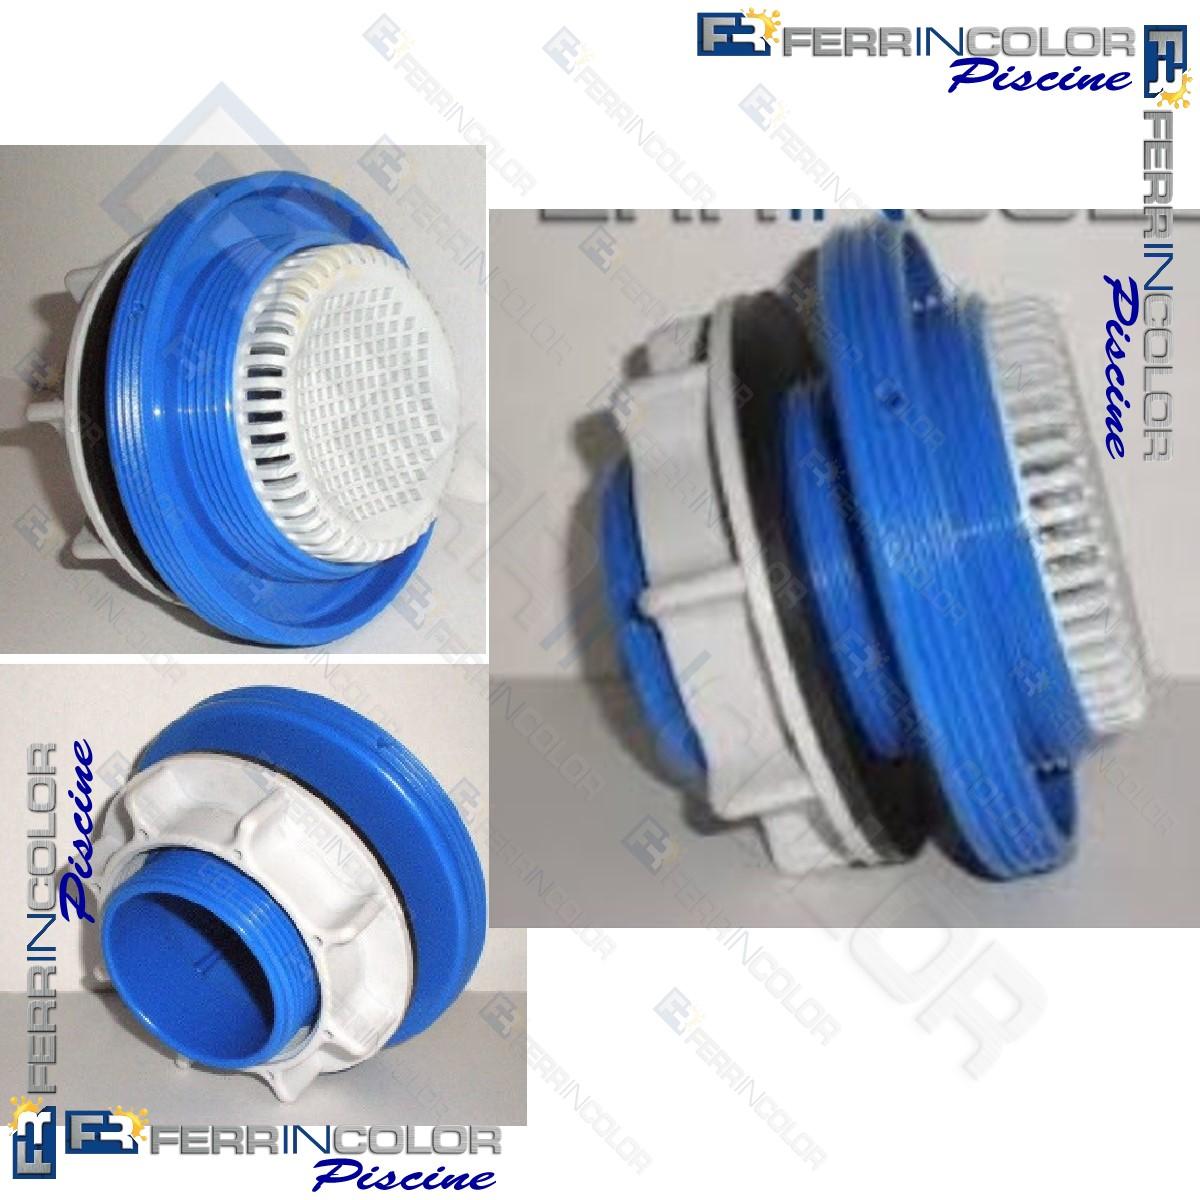 Intex bocchettone con ghiera per ultraframe ferrincolor for Prodotti intex